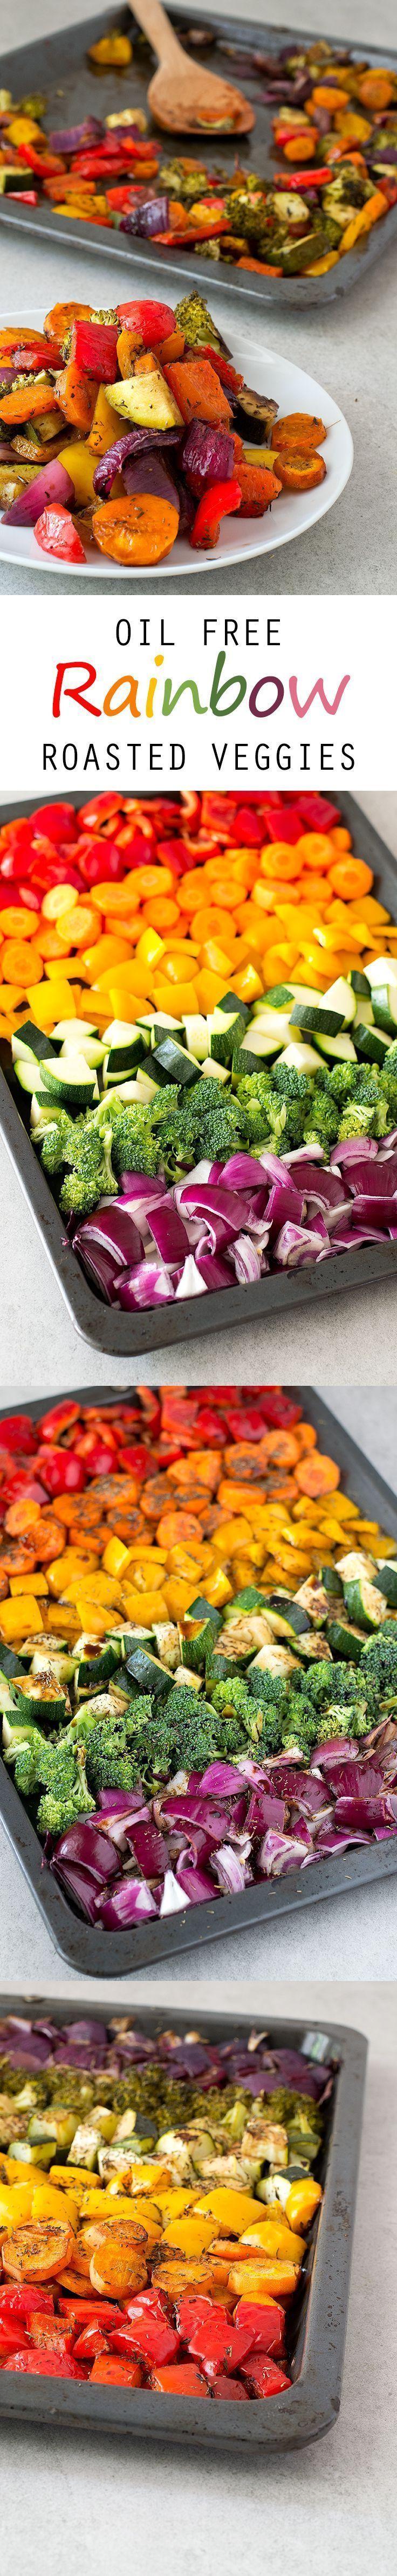 Oil Free Rainbow Roasted Vegetables #vegan #glutenfree